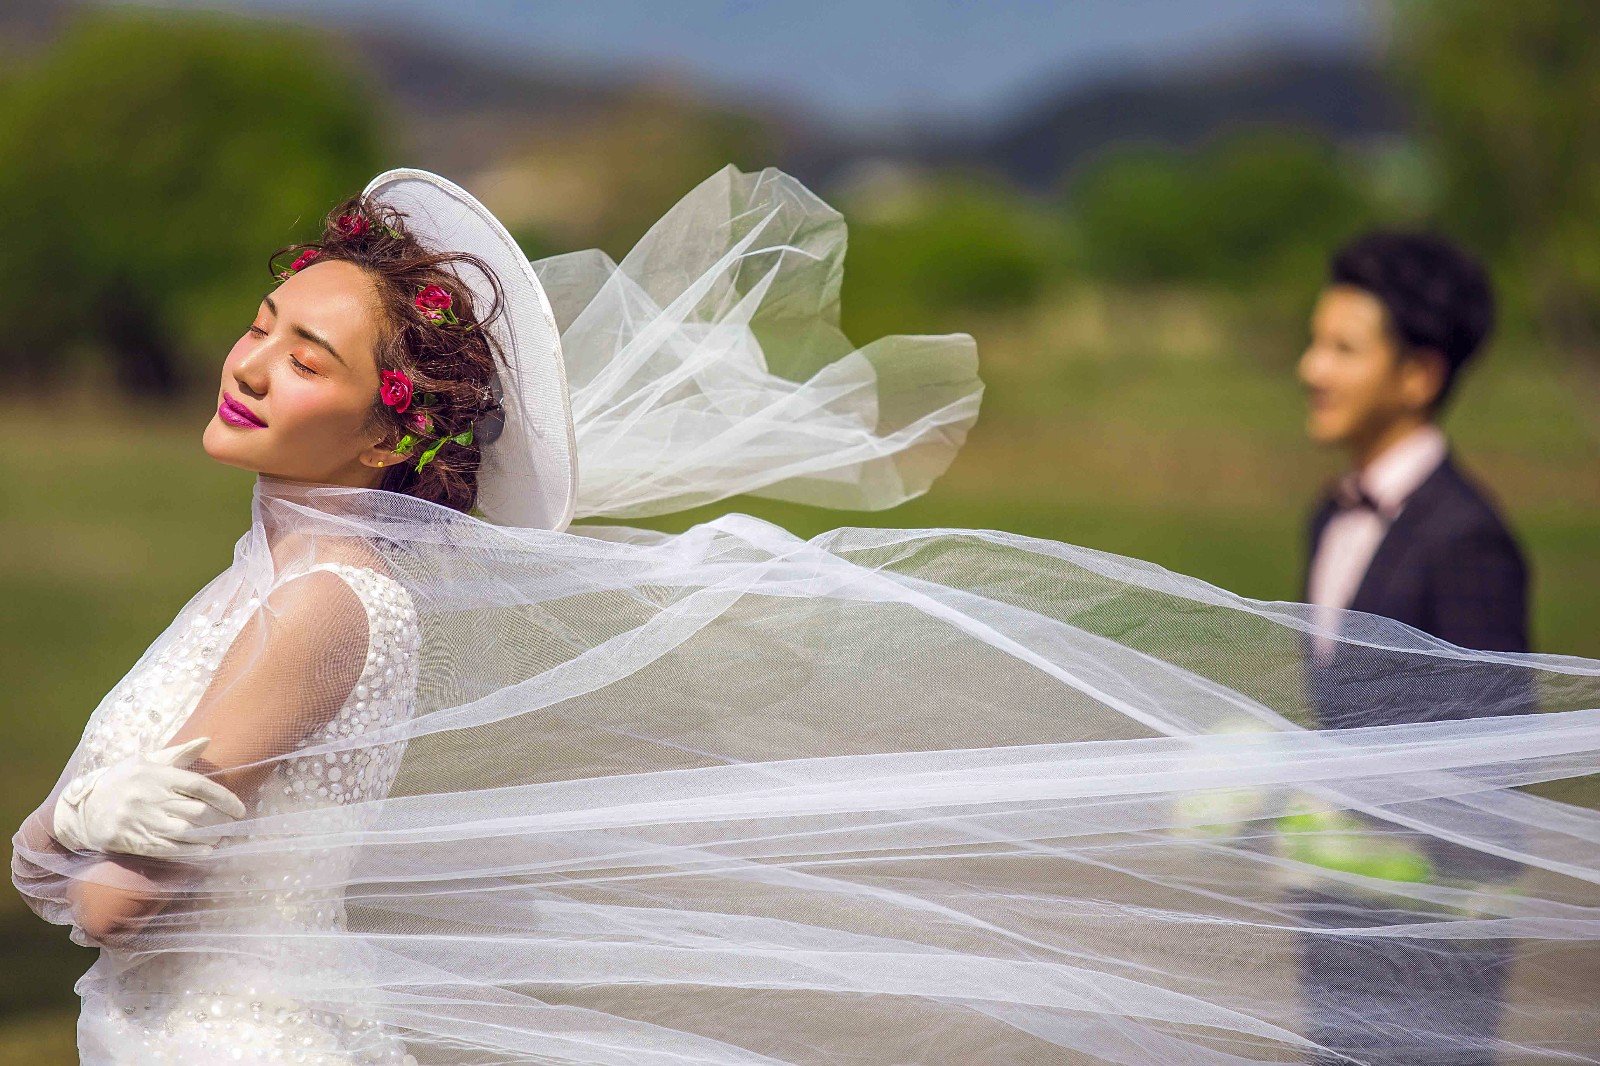 了解保山拍婚纱照注意事项,轻松完成婚纱照拍摄